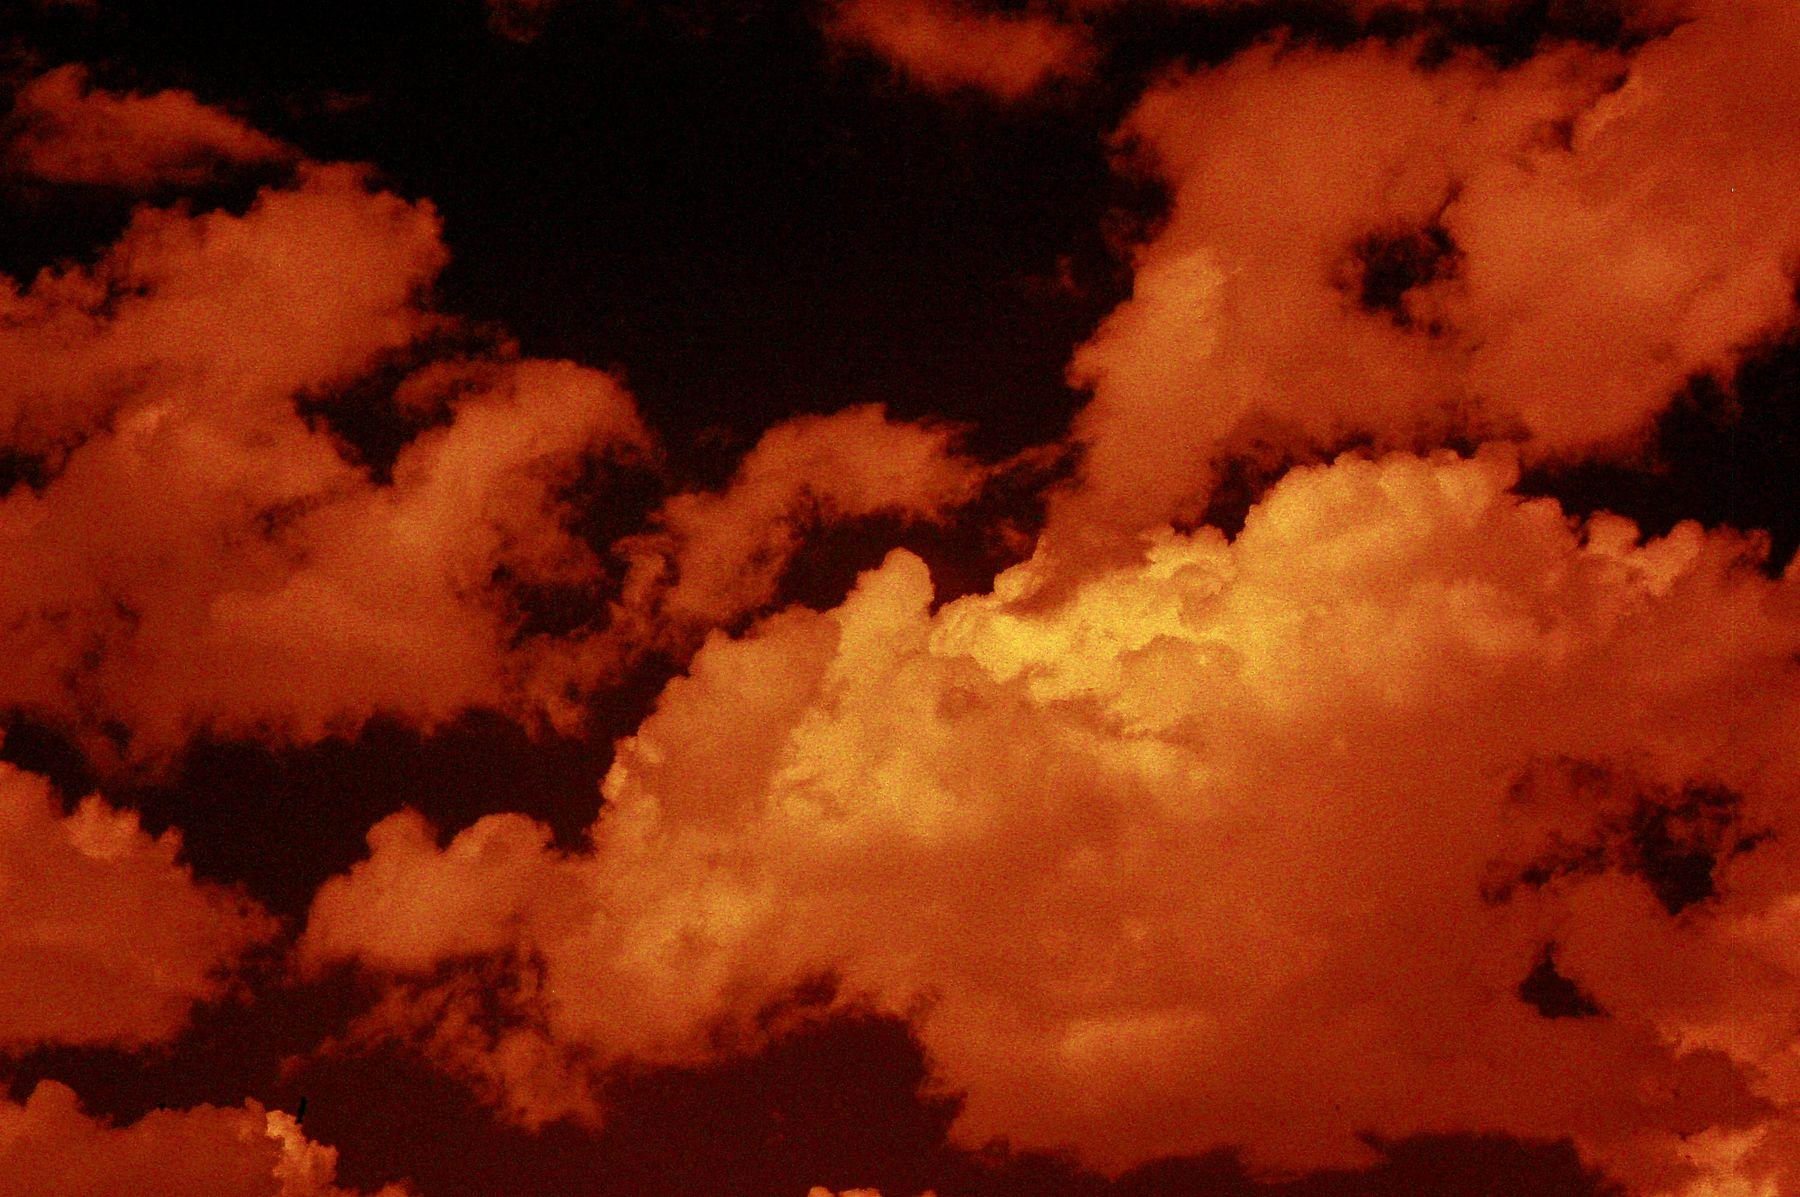 Небесное ристалище  Ярославская губерния.Р.Ф.2021г.г. от Р.Х. Инфракрасная,чёрно-белая,монохромная, фотография. (infrared imaging) Инфракрасная чёрно-белая монохромная фотография infrared imaging